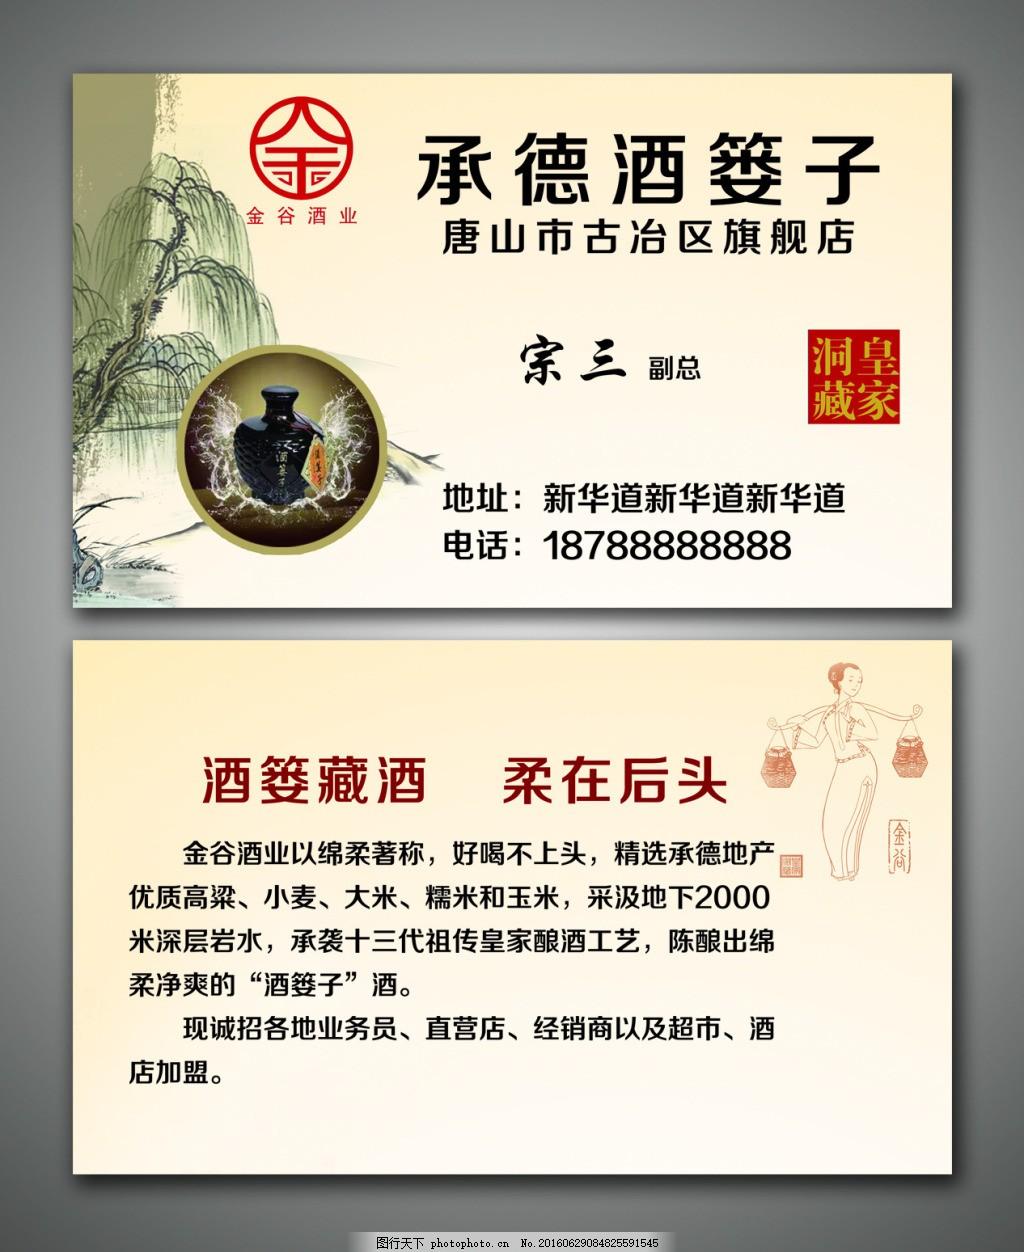 酒篓子名片 酒篓子 酒名片 卖酒名片 复古名片 古典名片 中国风名片图片